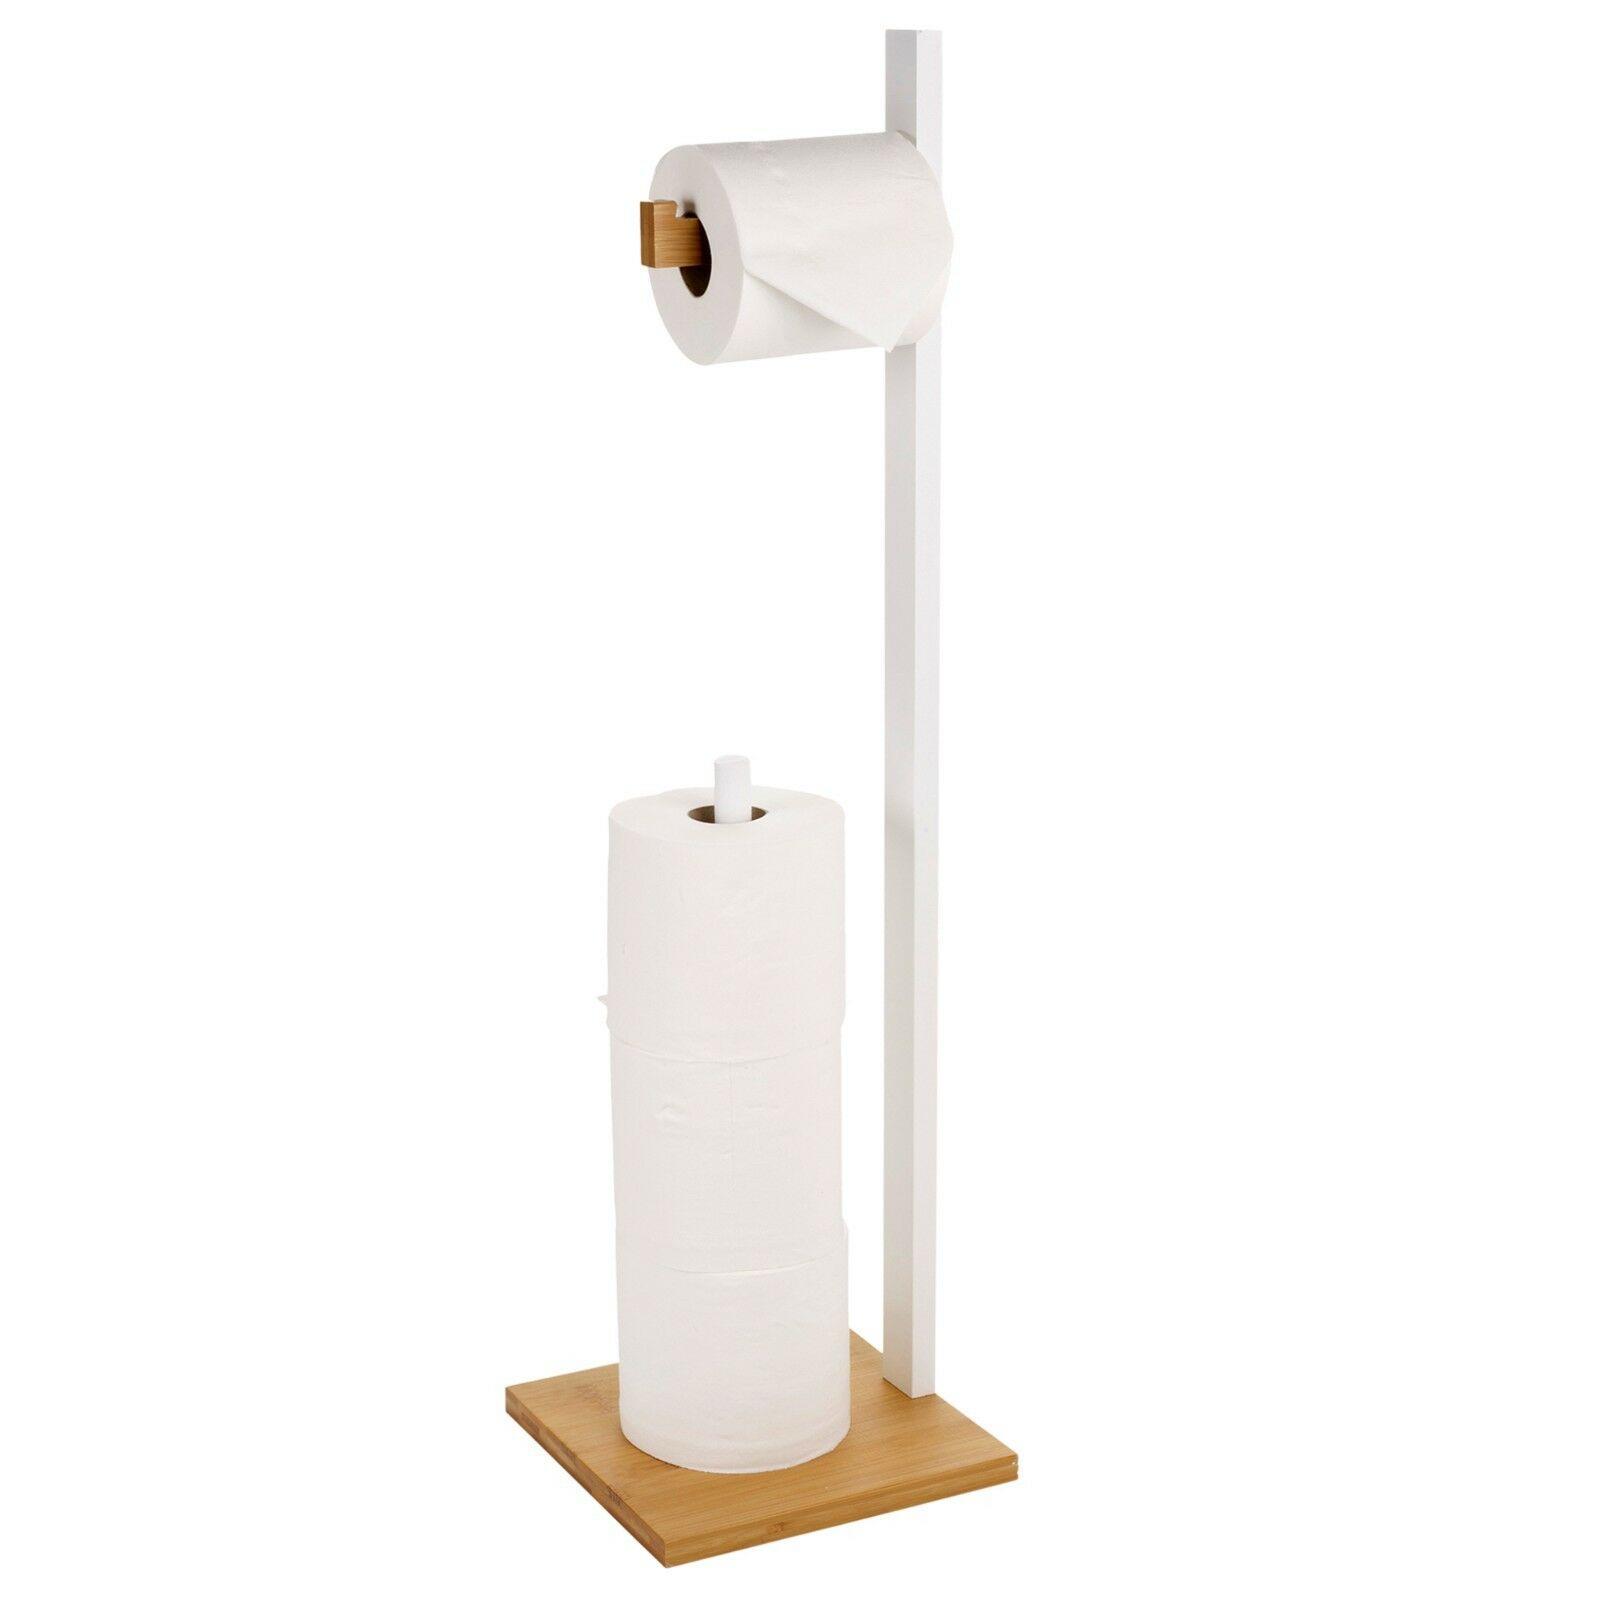 Free Standing Wooden Toilet Paper Roll Holder Tissue Dispenser